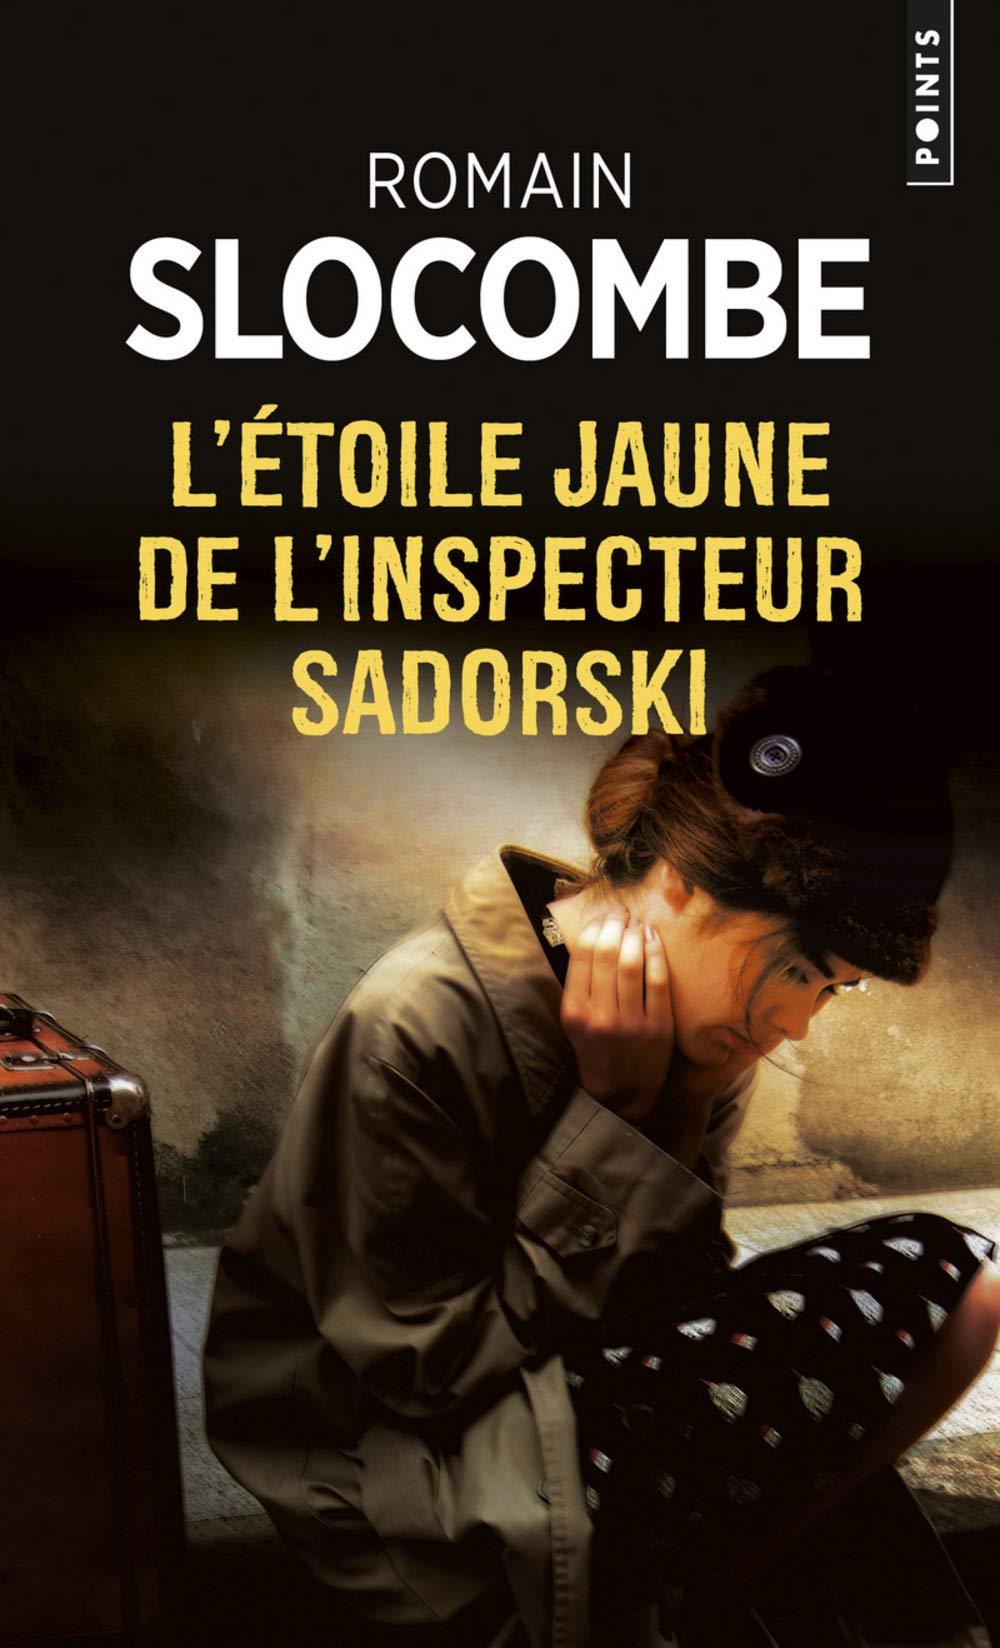 L'Etoile jaune de l'inspecteur Sadorski Broché – 23 août 2018 Romain Slocombe Points 2757865838 Thriller